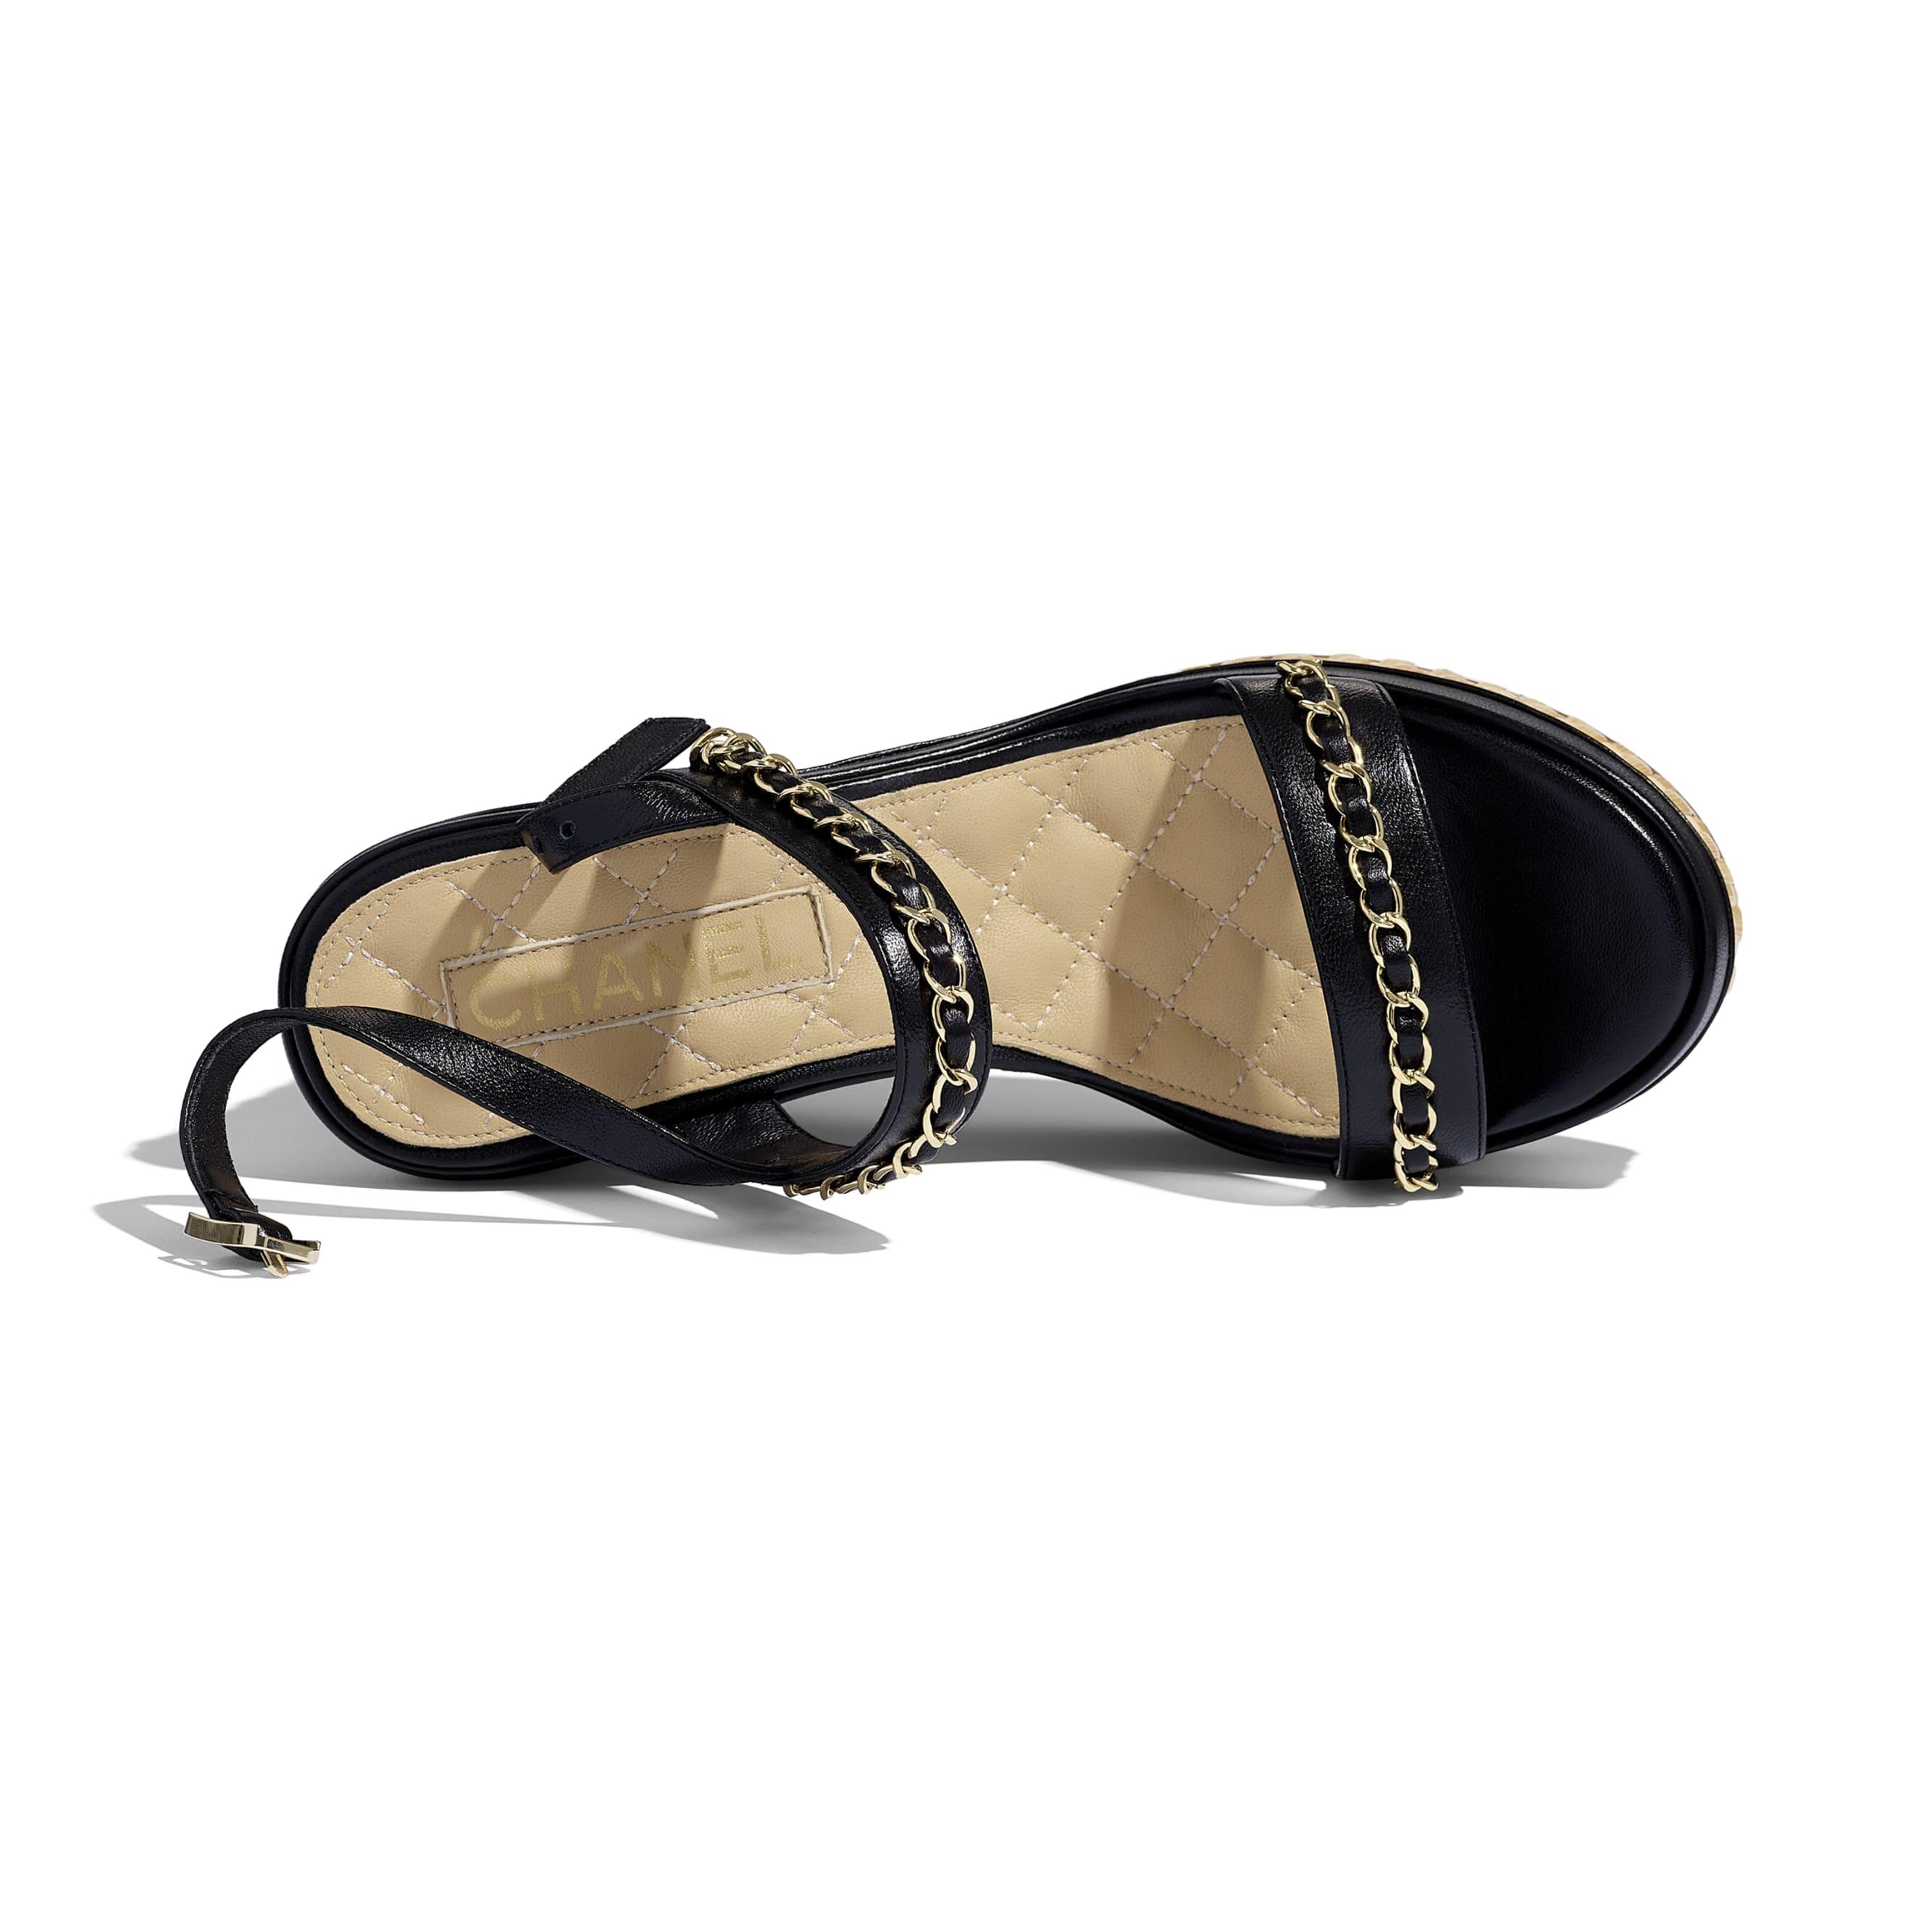 涼鞋 - 黑 - 小羊皮 - 額外視圖 - 查看標準尺寸版本